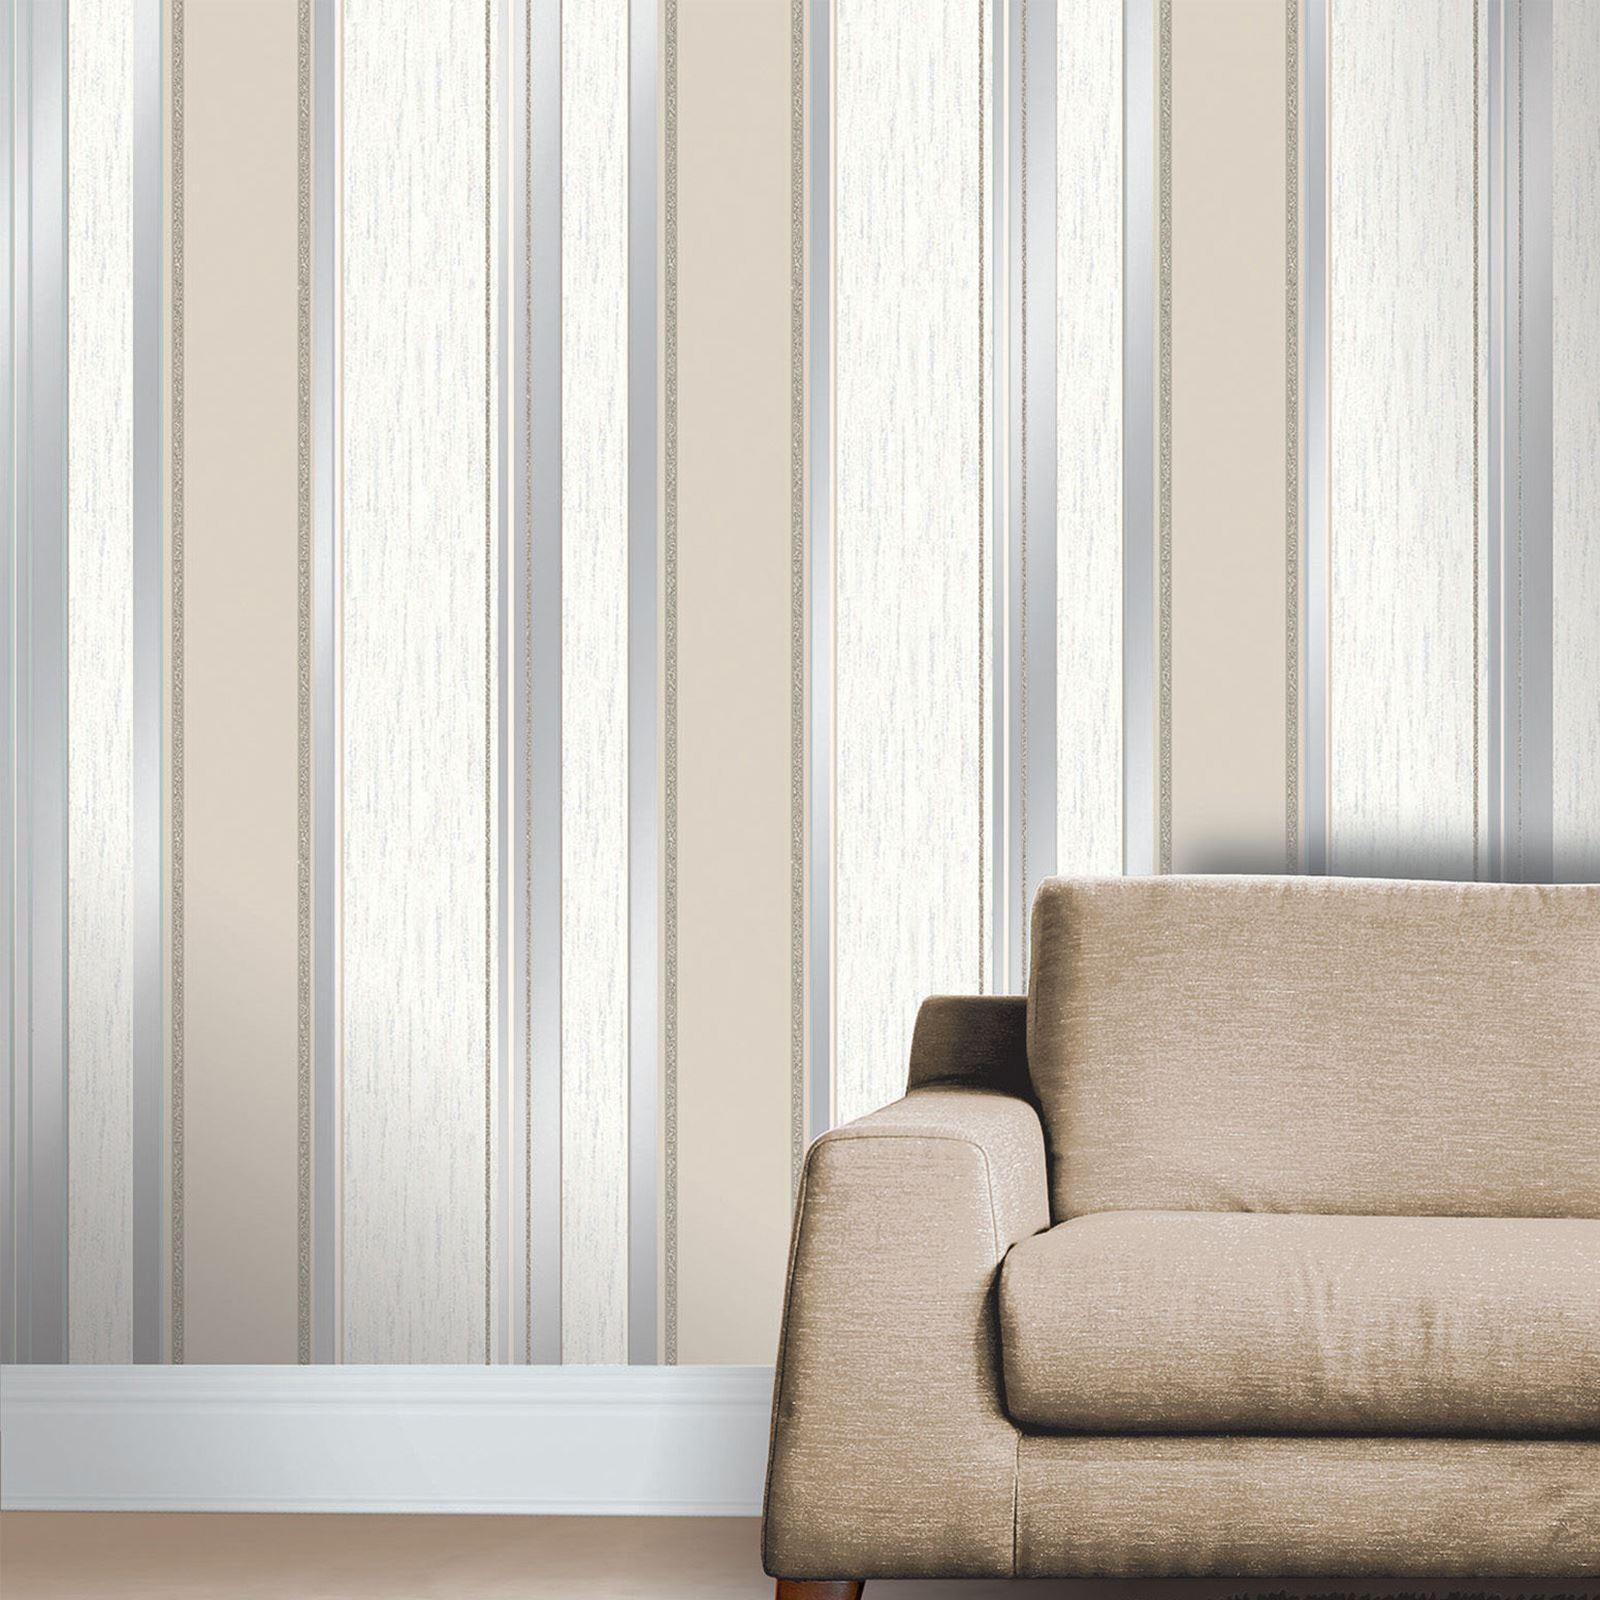 vymura synergie streifen glitzer tapete luxus metallisch t rkis schwarz gold ebay. Black Bedroom Furniture Sets. Home Design Ideas